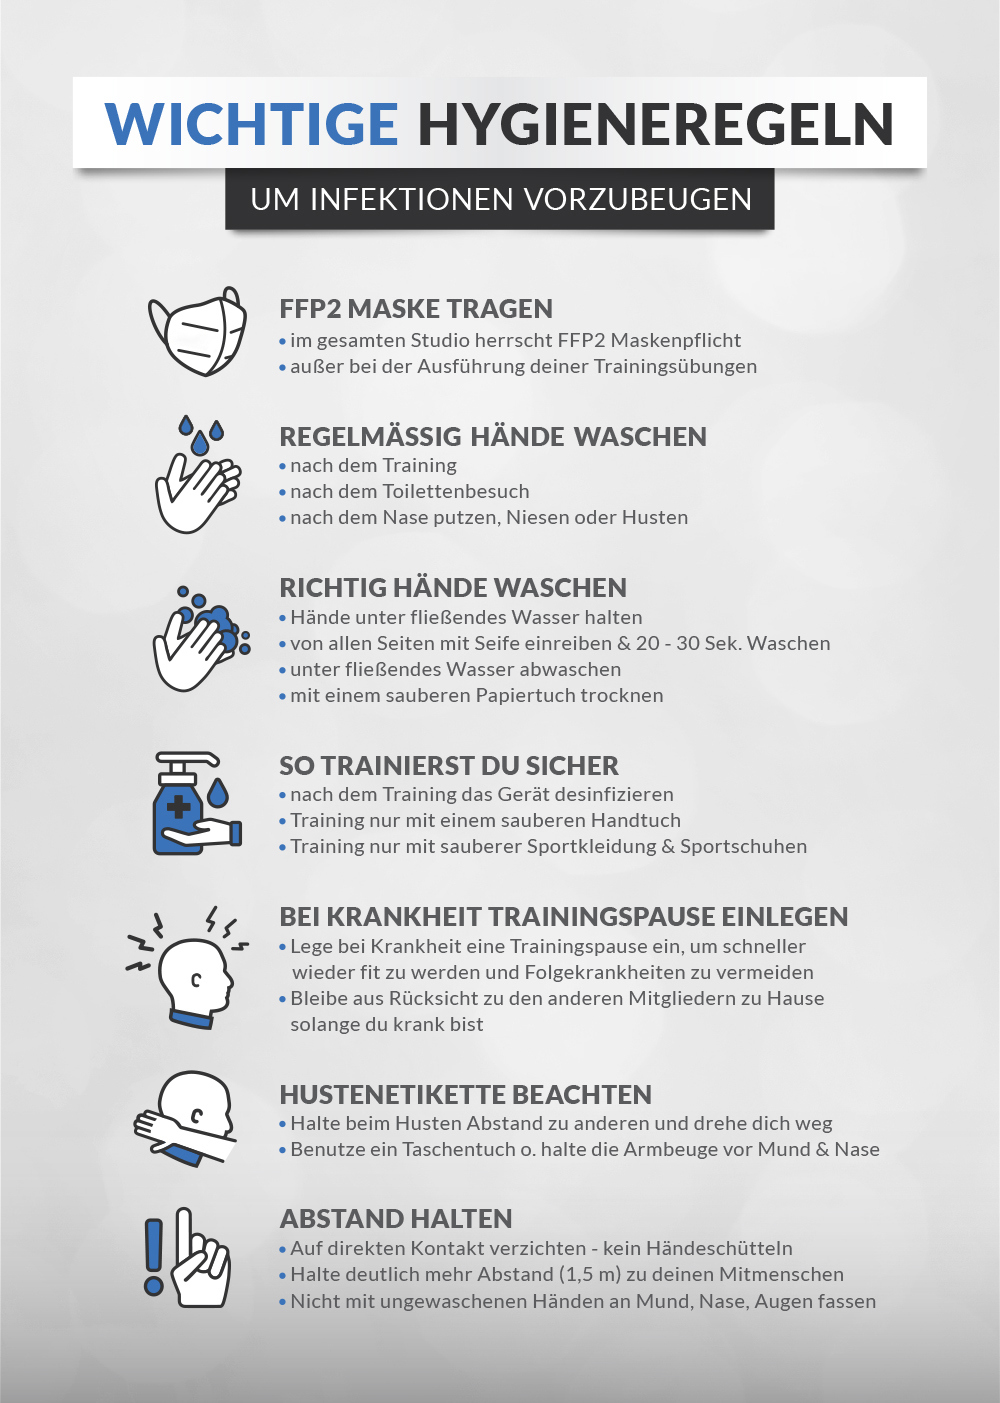 DOMINIKS_Hygiene-Regeln